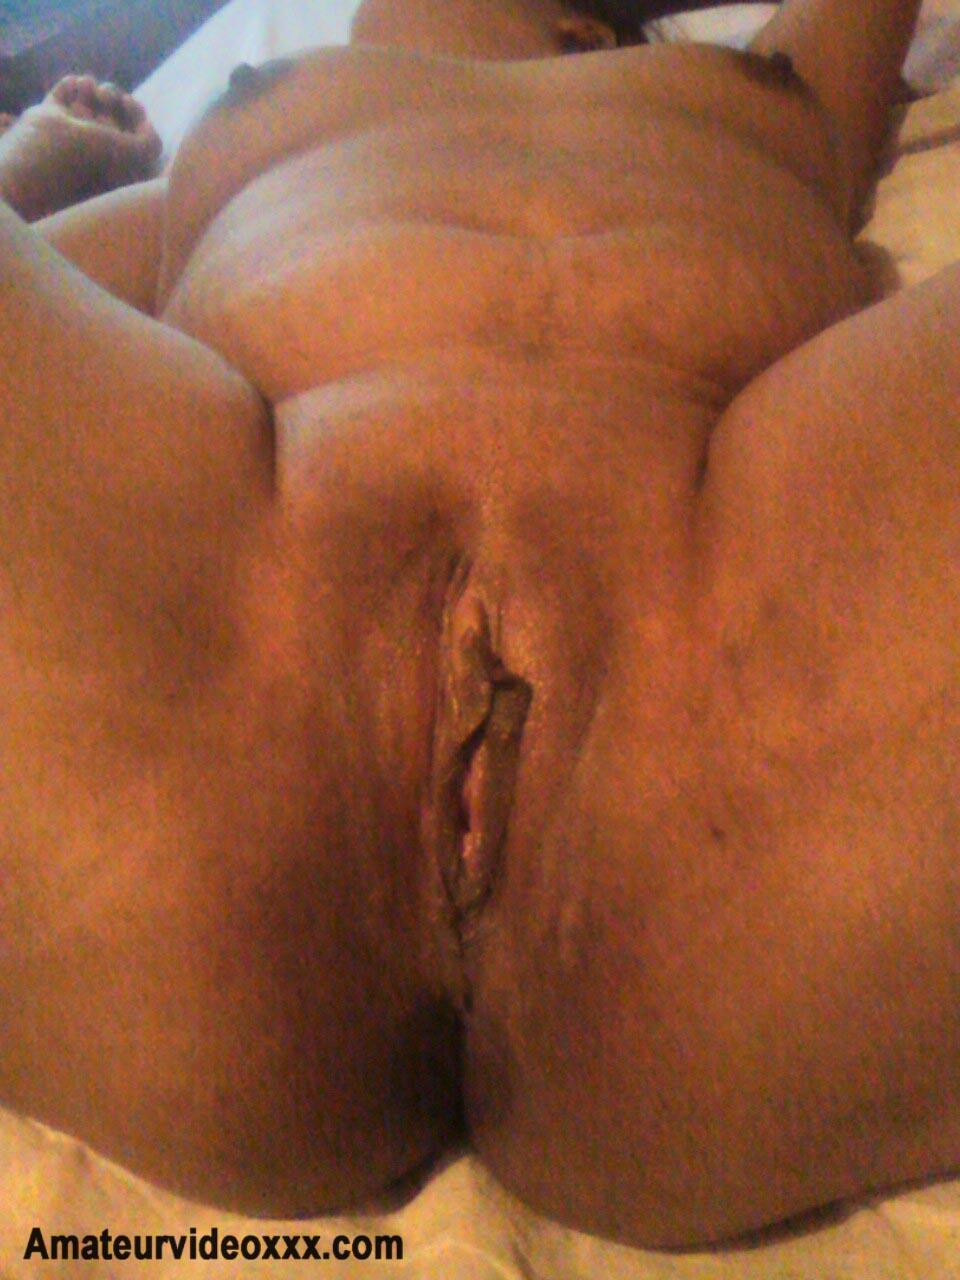 Fotos de amas de Casa Desnudas - Porno AMATEUR - Fotos xxx - Fotos maduras desnudas - amas de casa follando - corridas internas - mujeres de 40 desnudas y cogiendo-porno-casero-corridas-internas (3)